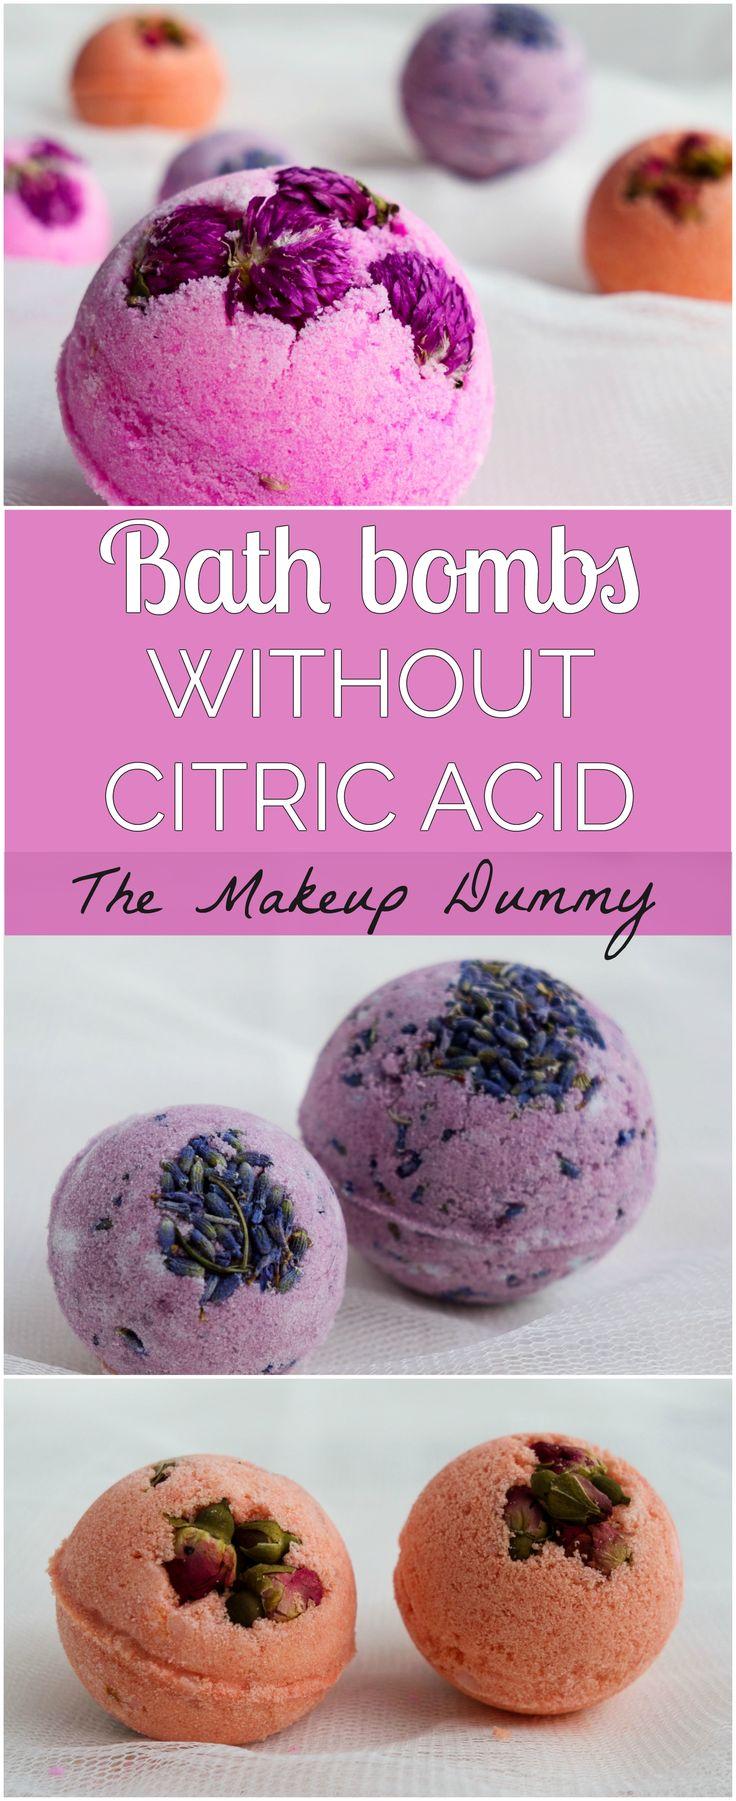 Diy bath bombs with cream of tartar recipe diy bath